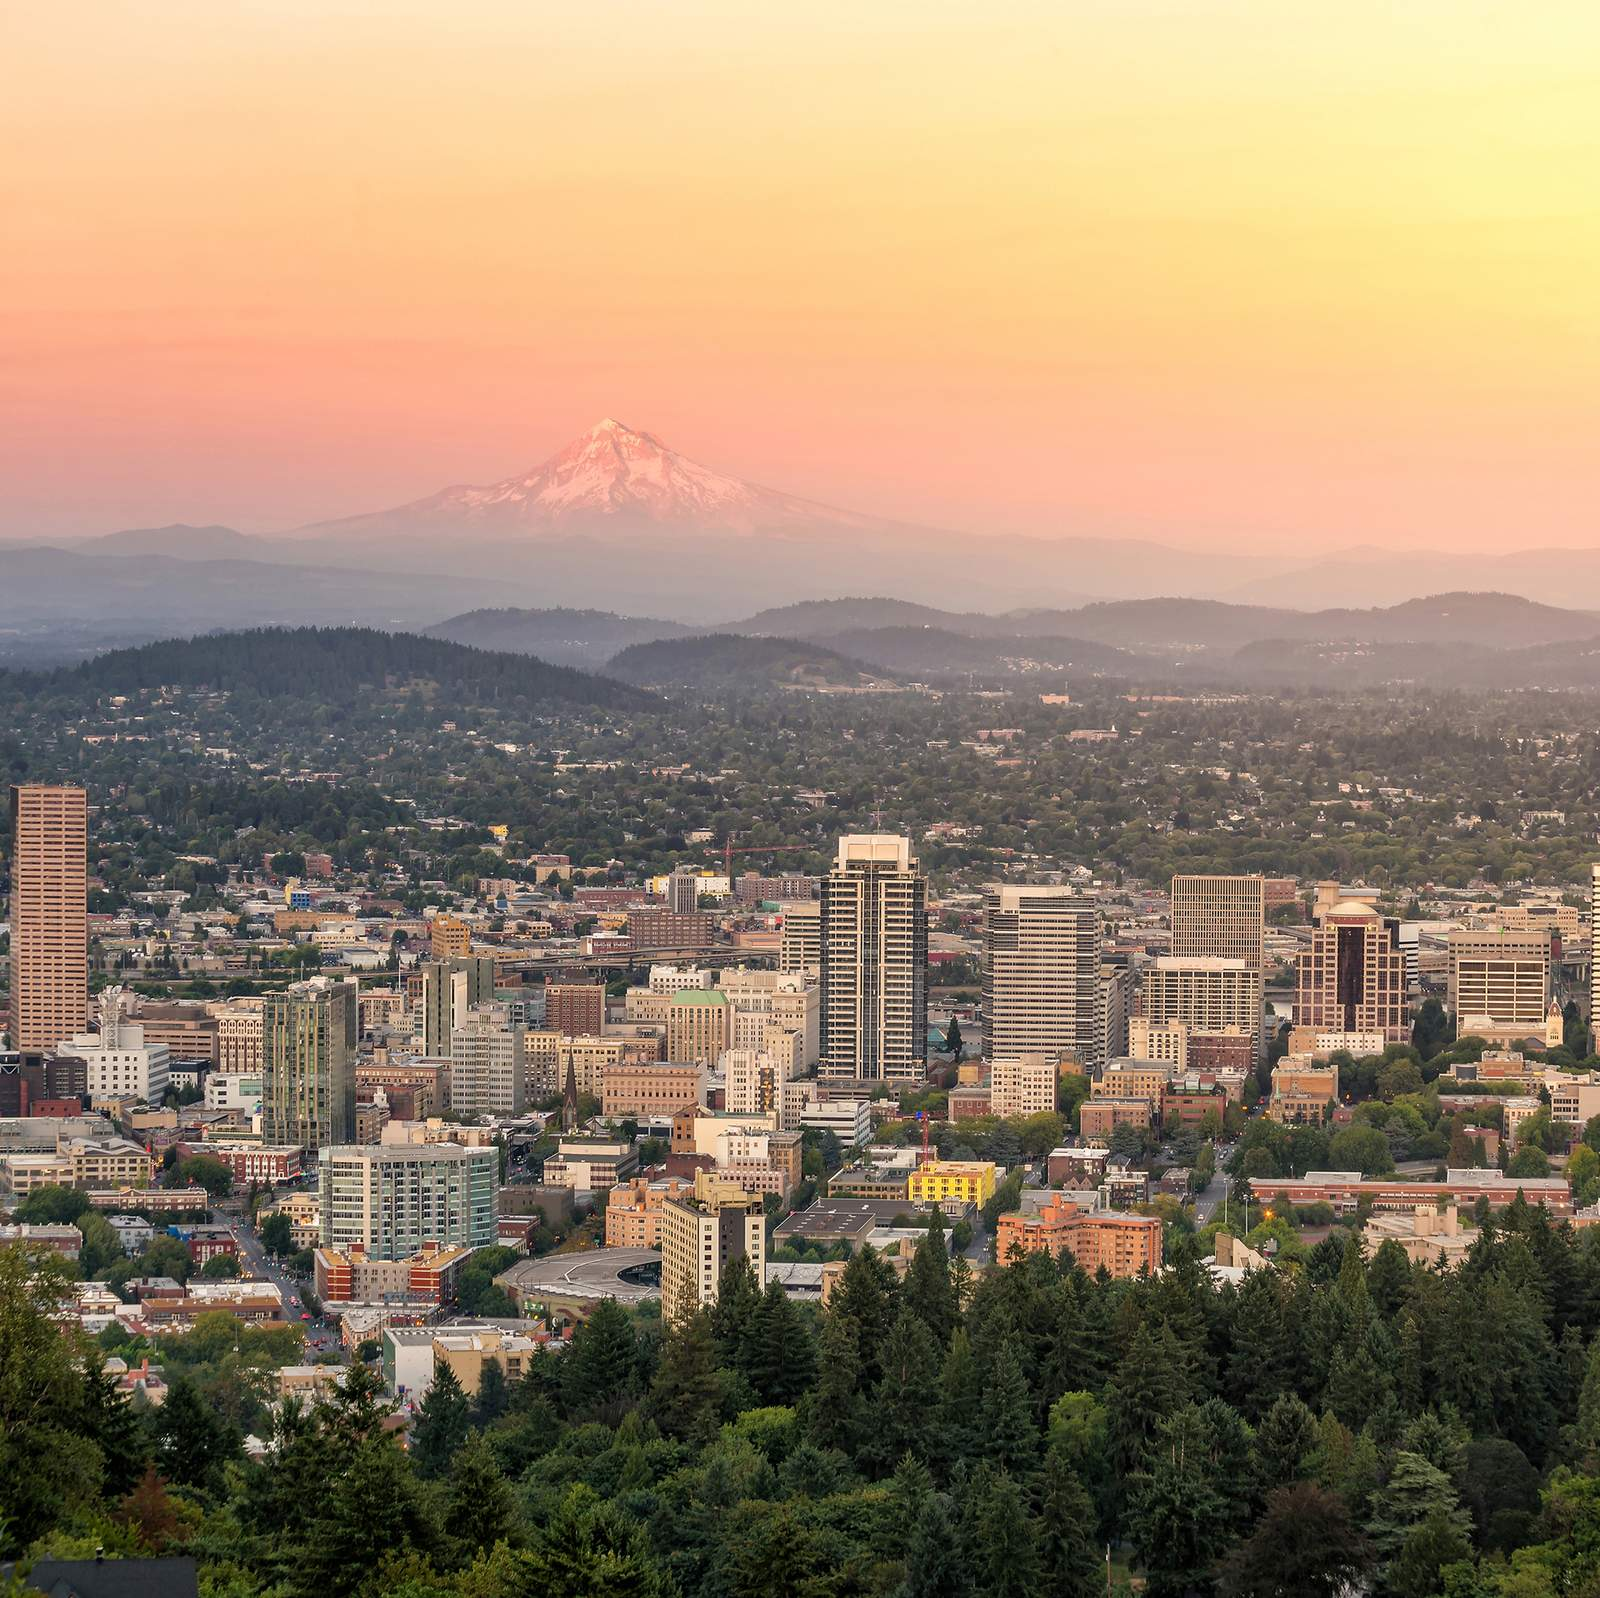 Sonnenuntergang Downtown Portland, Oregon